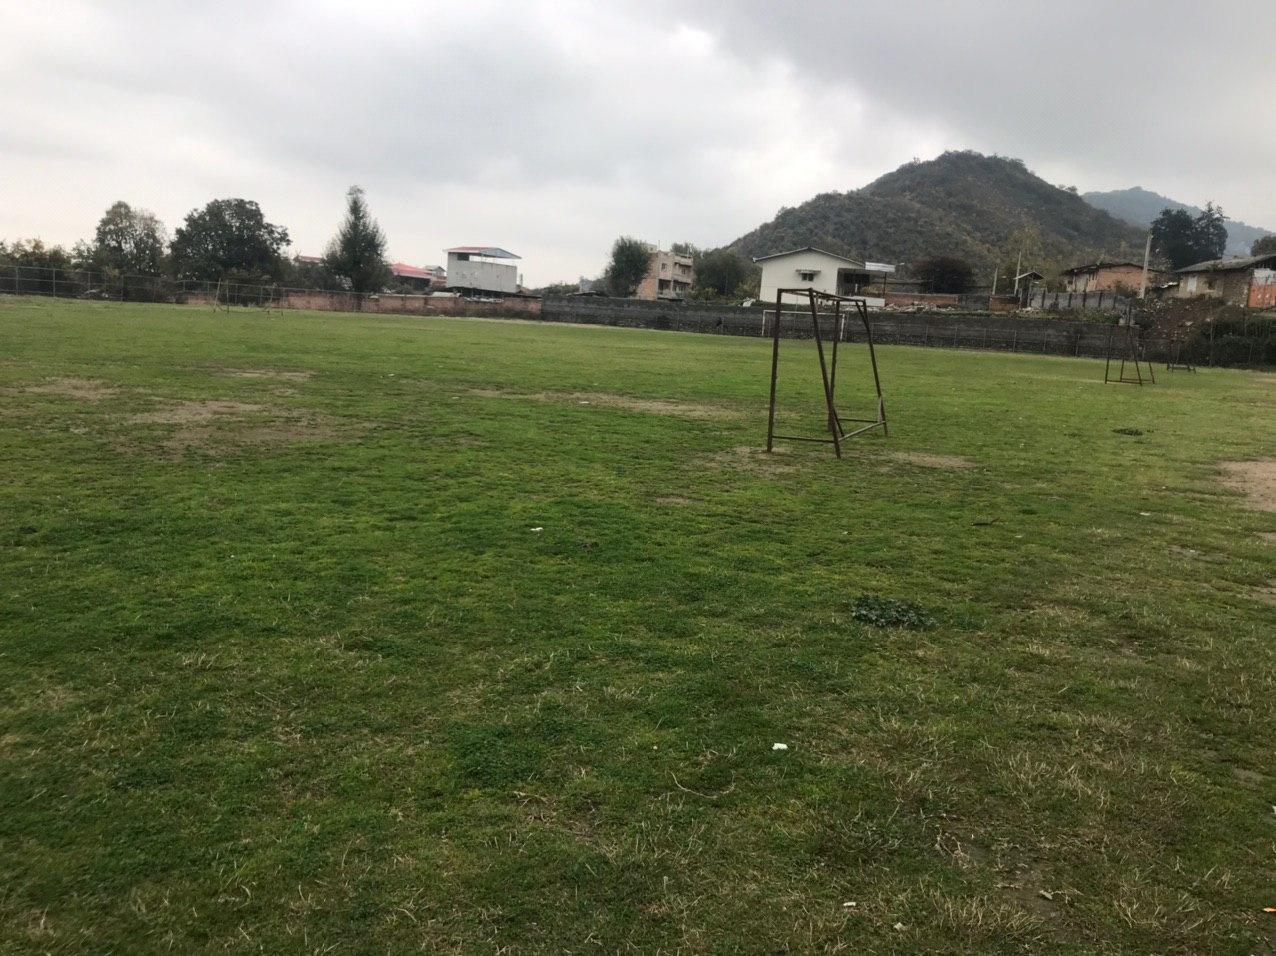 زمین ورزشی روستای بالاجاده نیازمند توجه بیشتر مسوولان / بی توجهی مدیر کل ورزش و جوانان گلستان به ظرفیت های ورزشی روستاهای استان